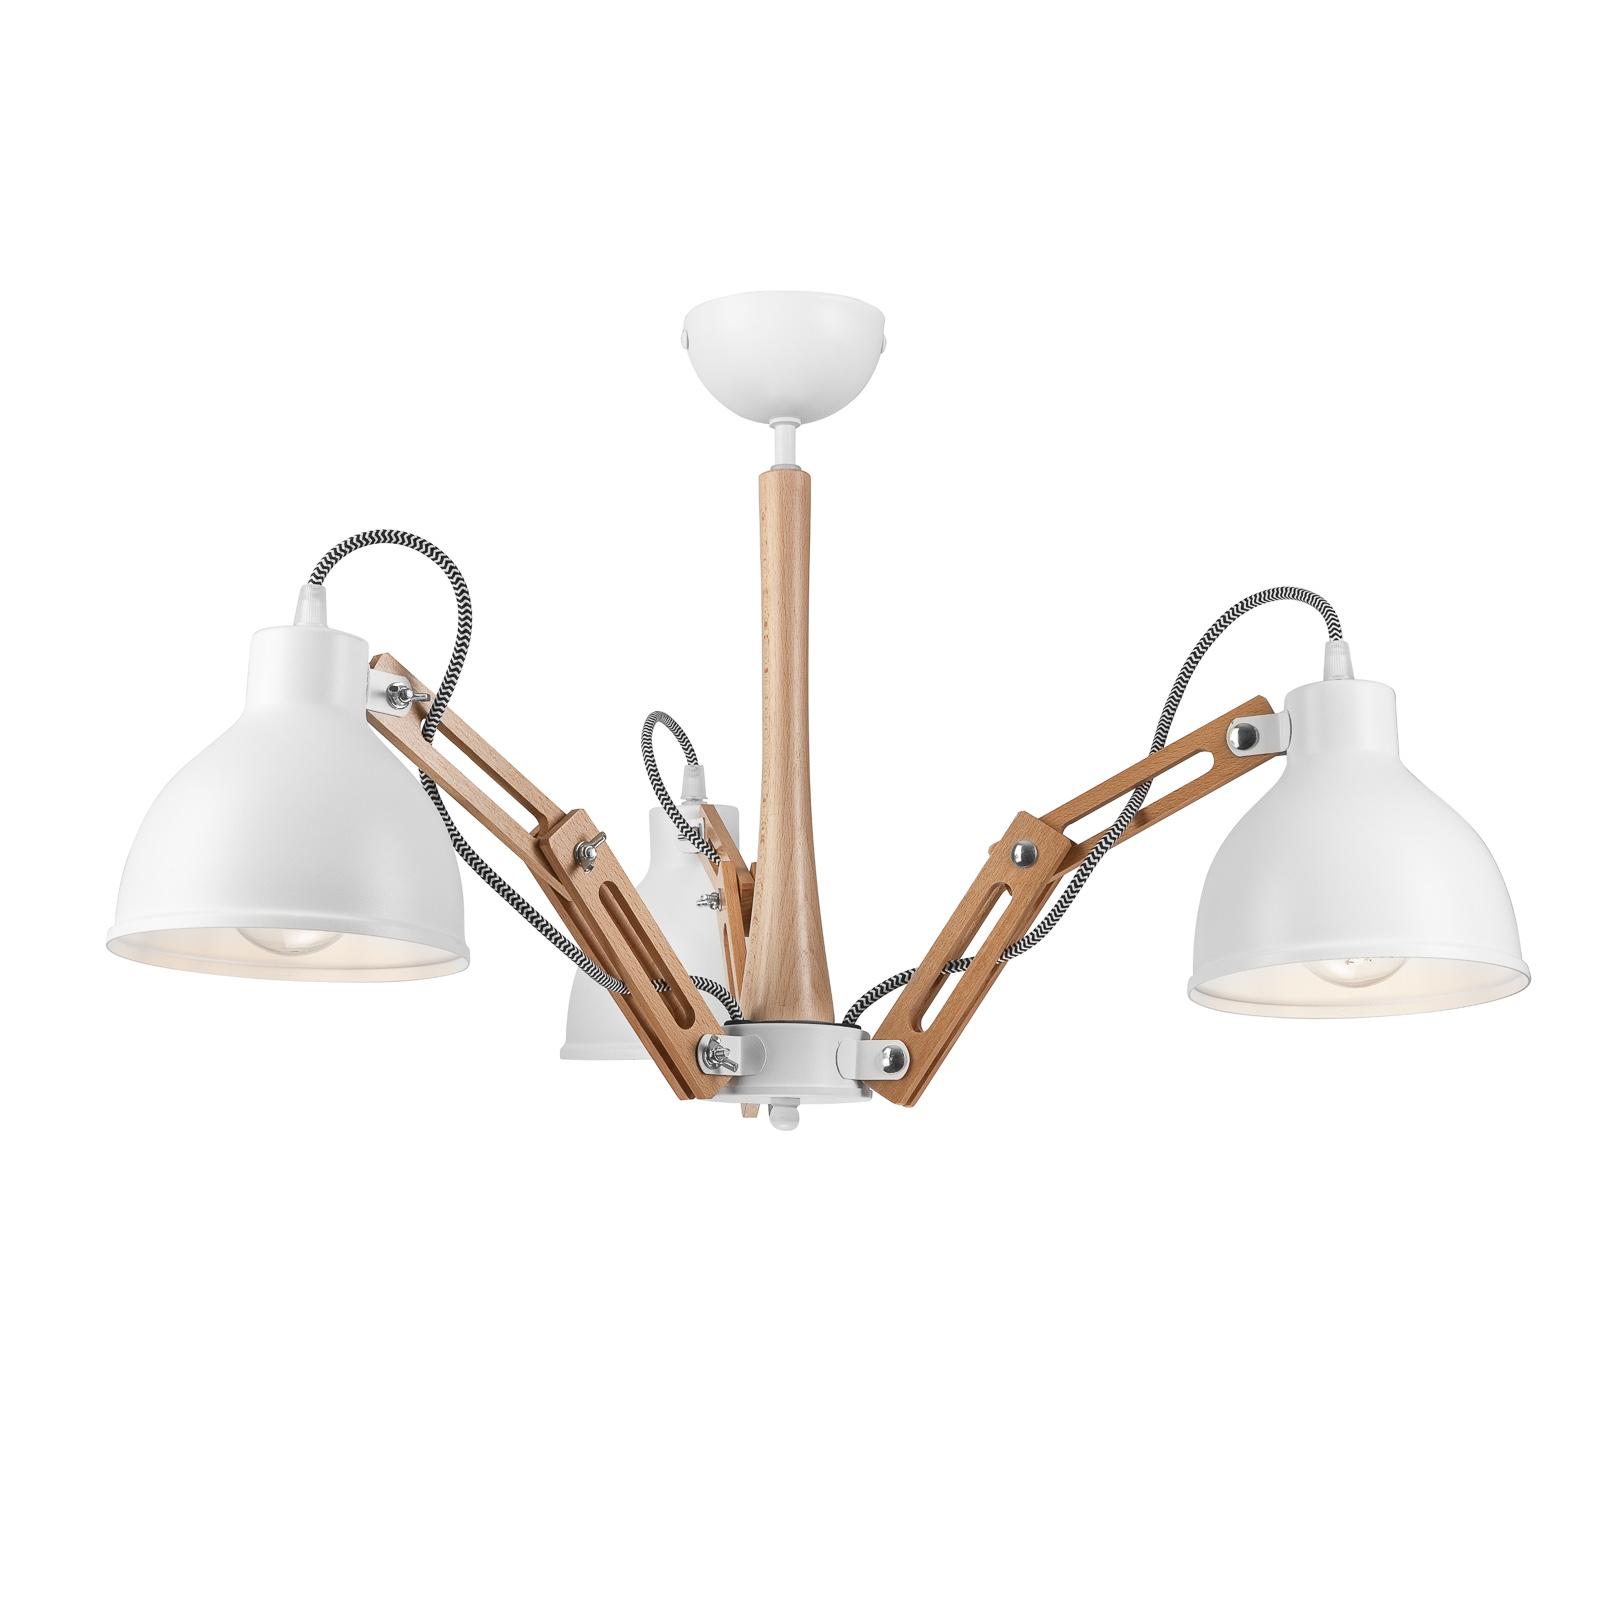 Plafonnier Skansen à 3 lampes ajustables, blanc